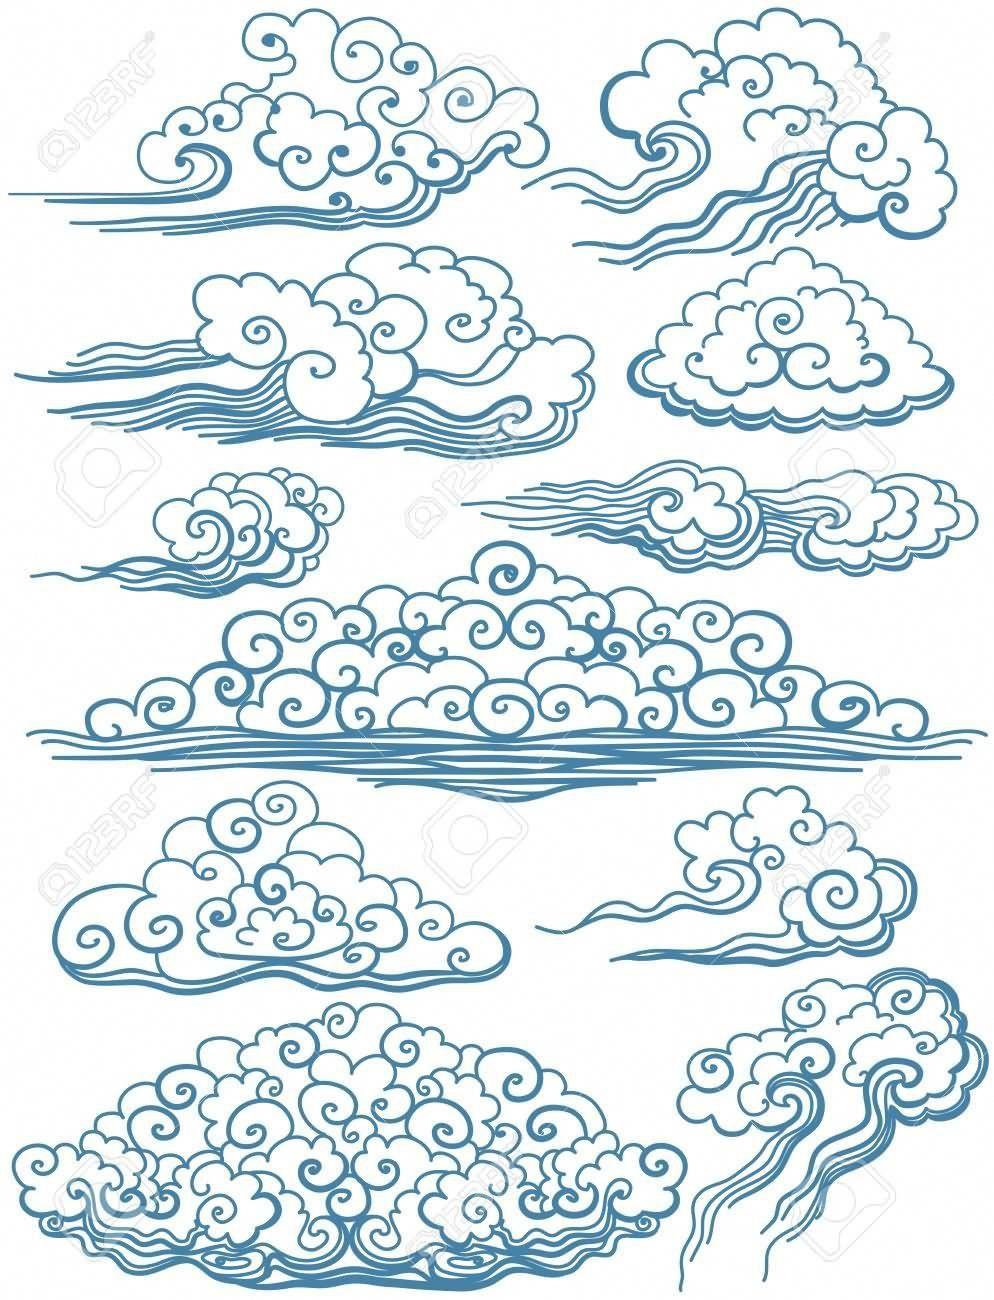 Classic Japanese Clouds Tattoo Designs Japanesetattoos Tatouages De Symbole Japonais Dessin Nuage Dessin De Nuages